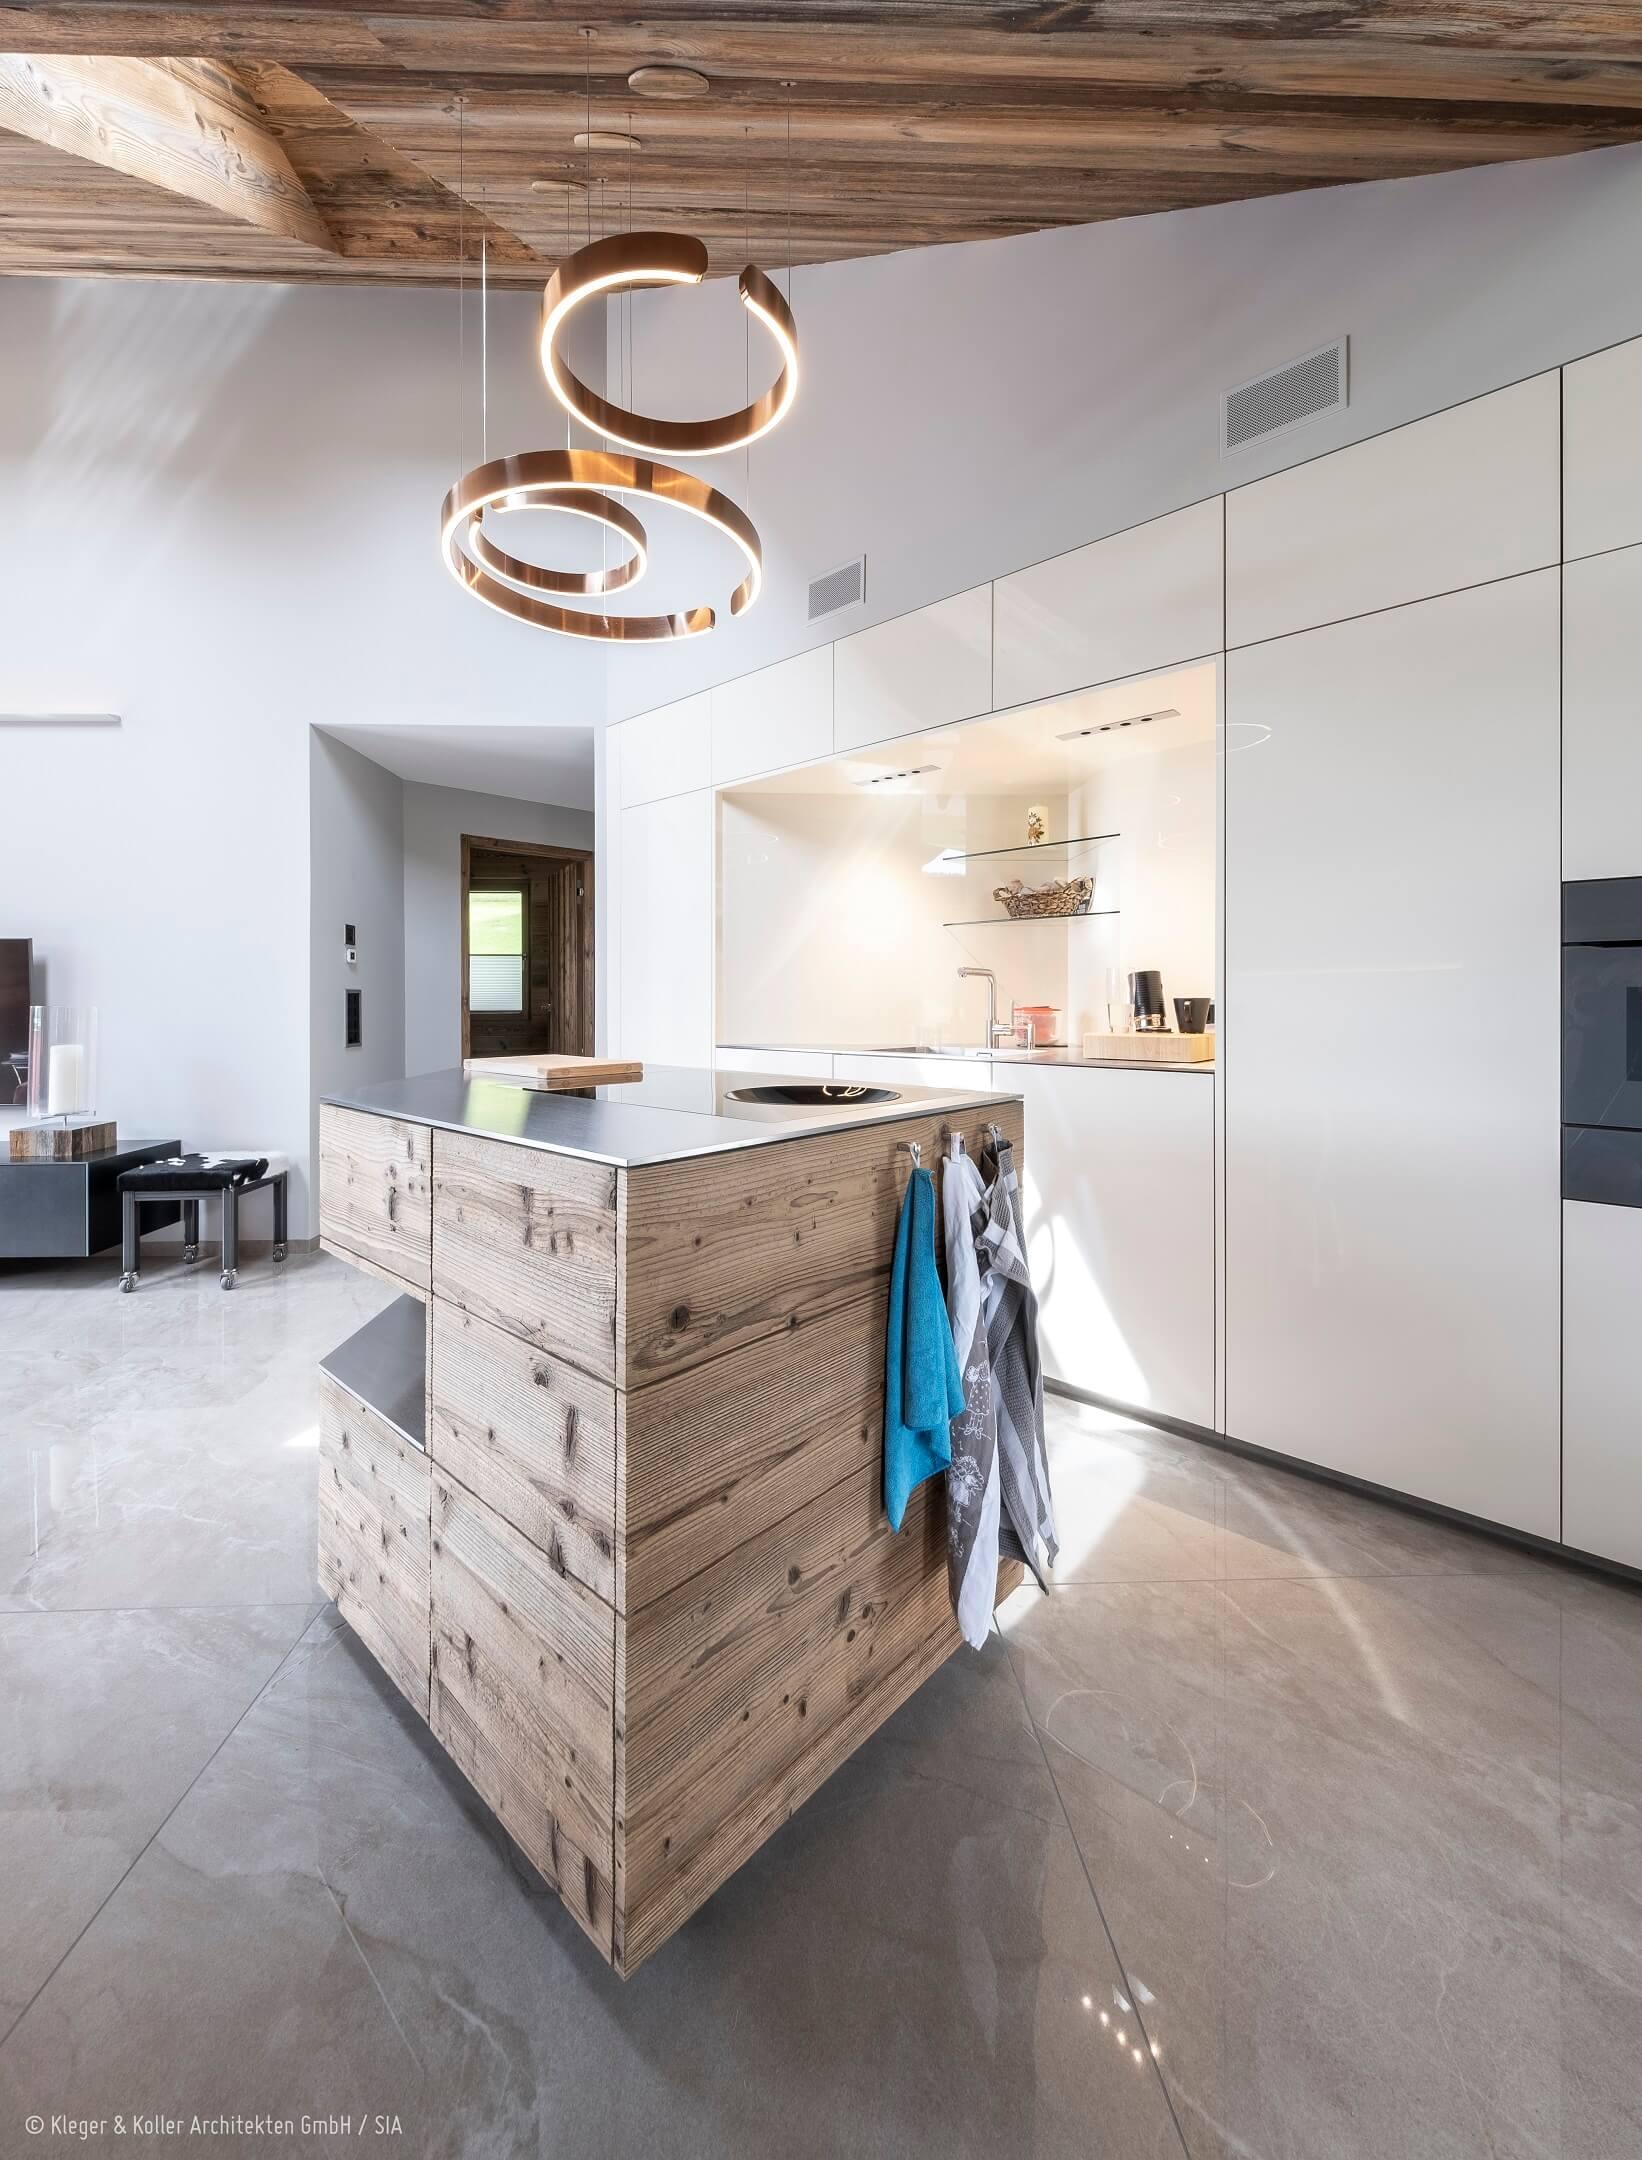 Wildhaus | Küche | Kleger und Koller Architekten